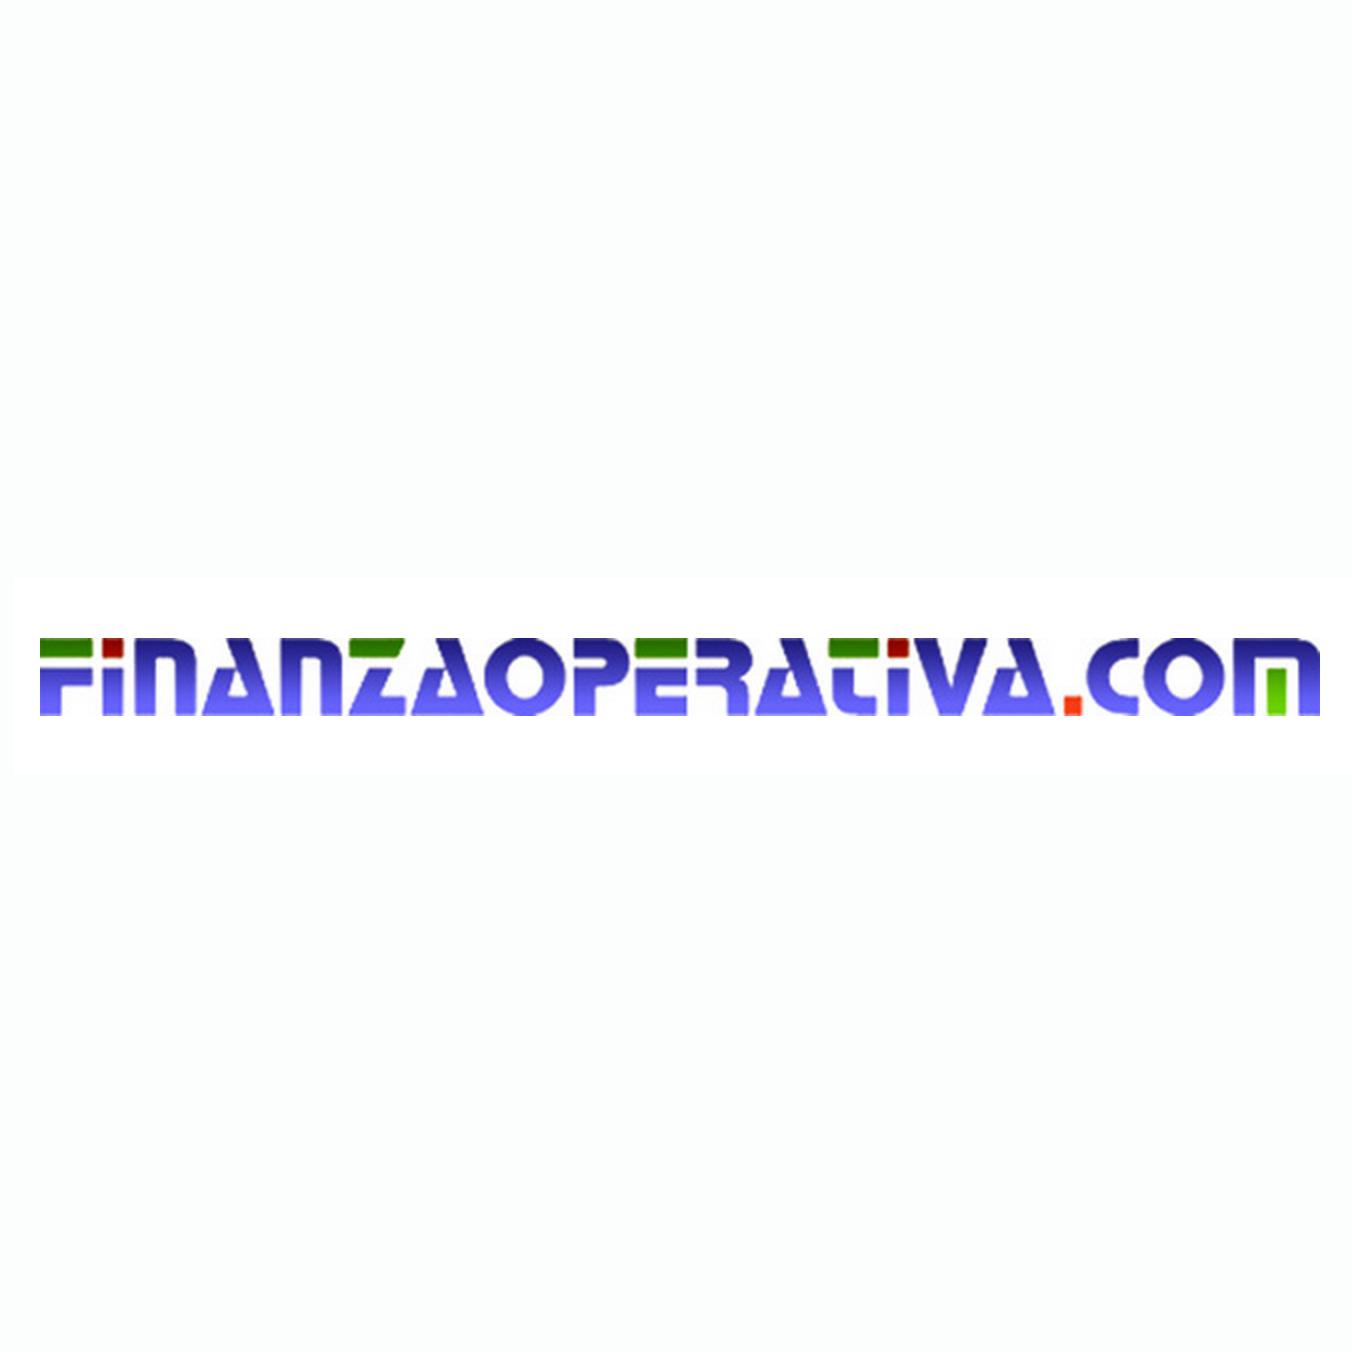 Minibond, mercato da 4,8 miliardi nel 2014